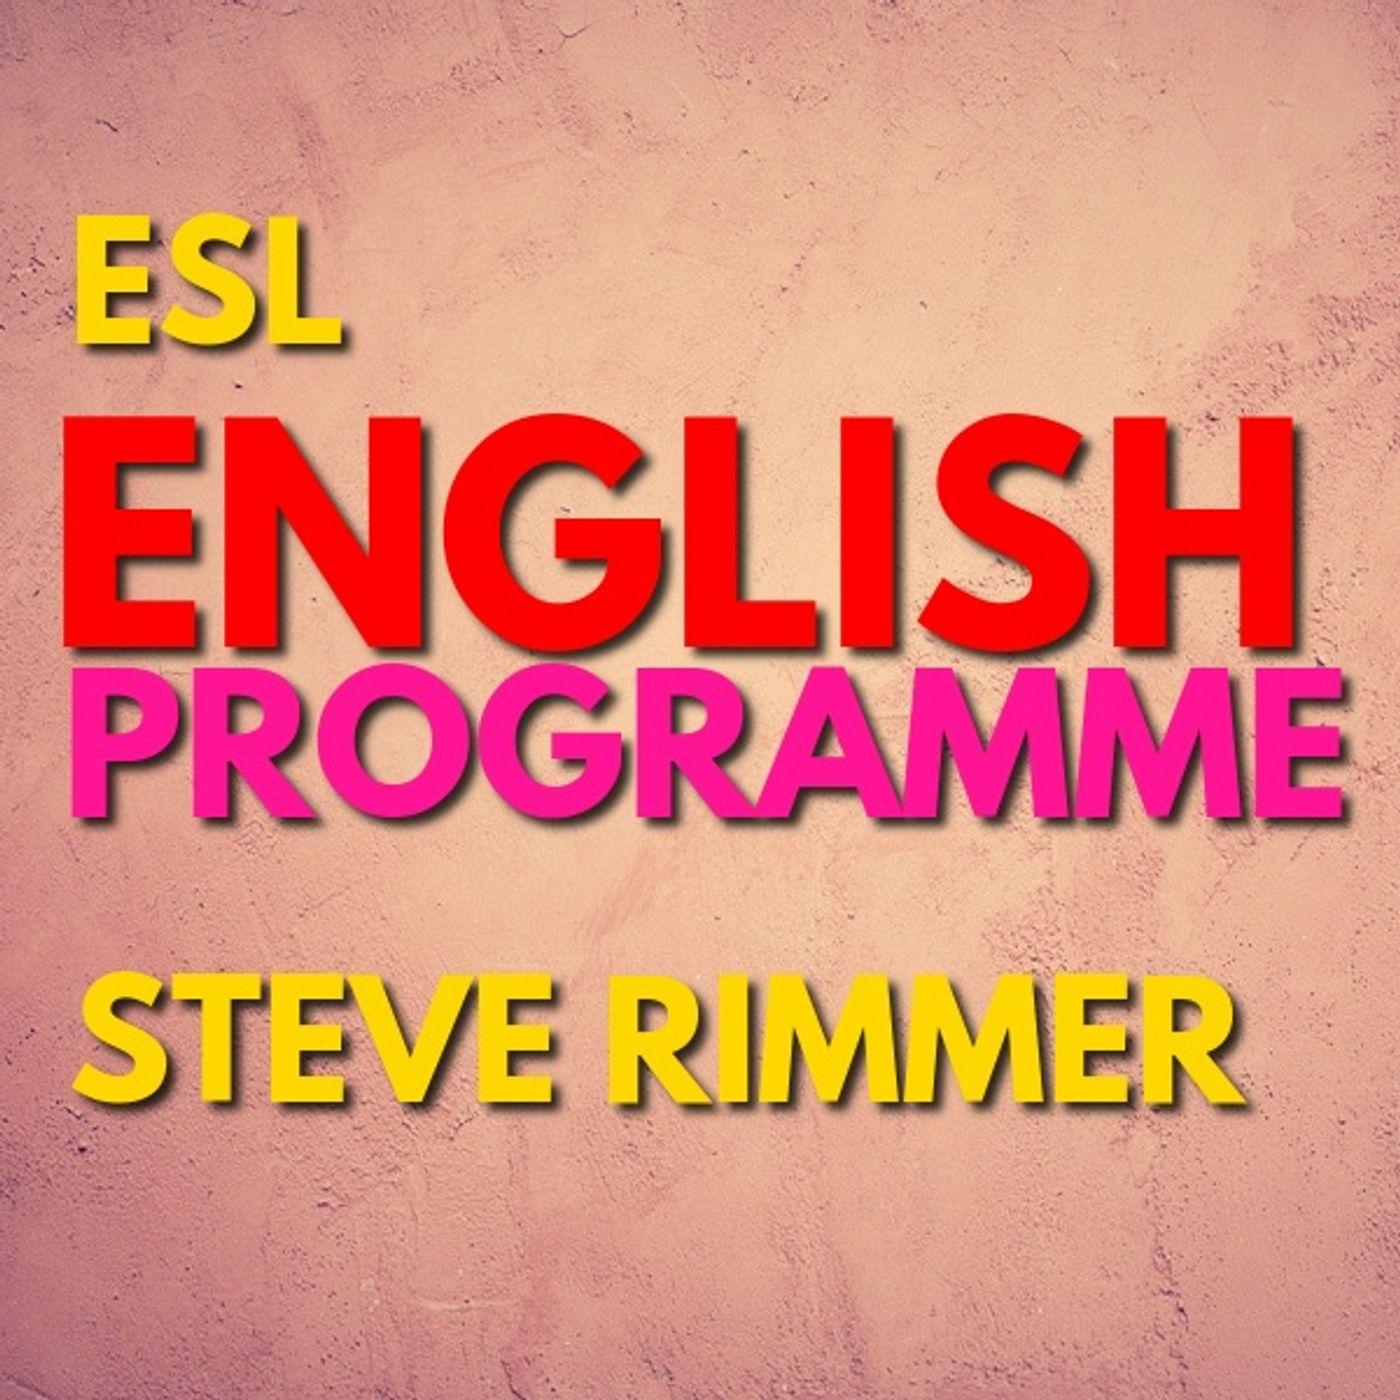 Steve Rimmer - 081219222